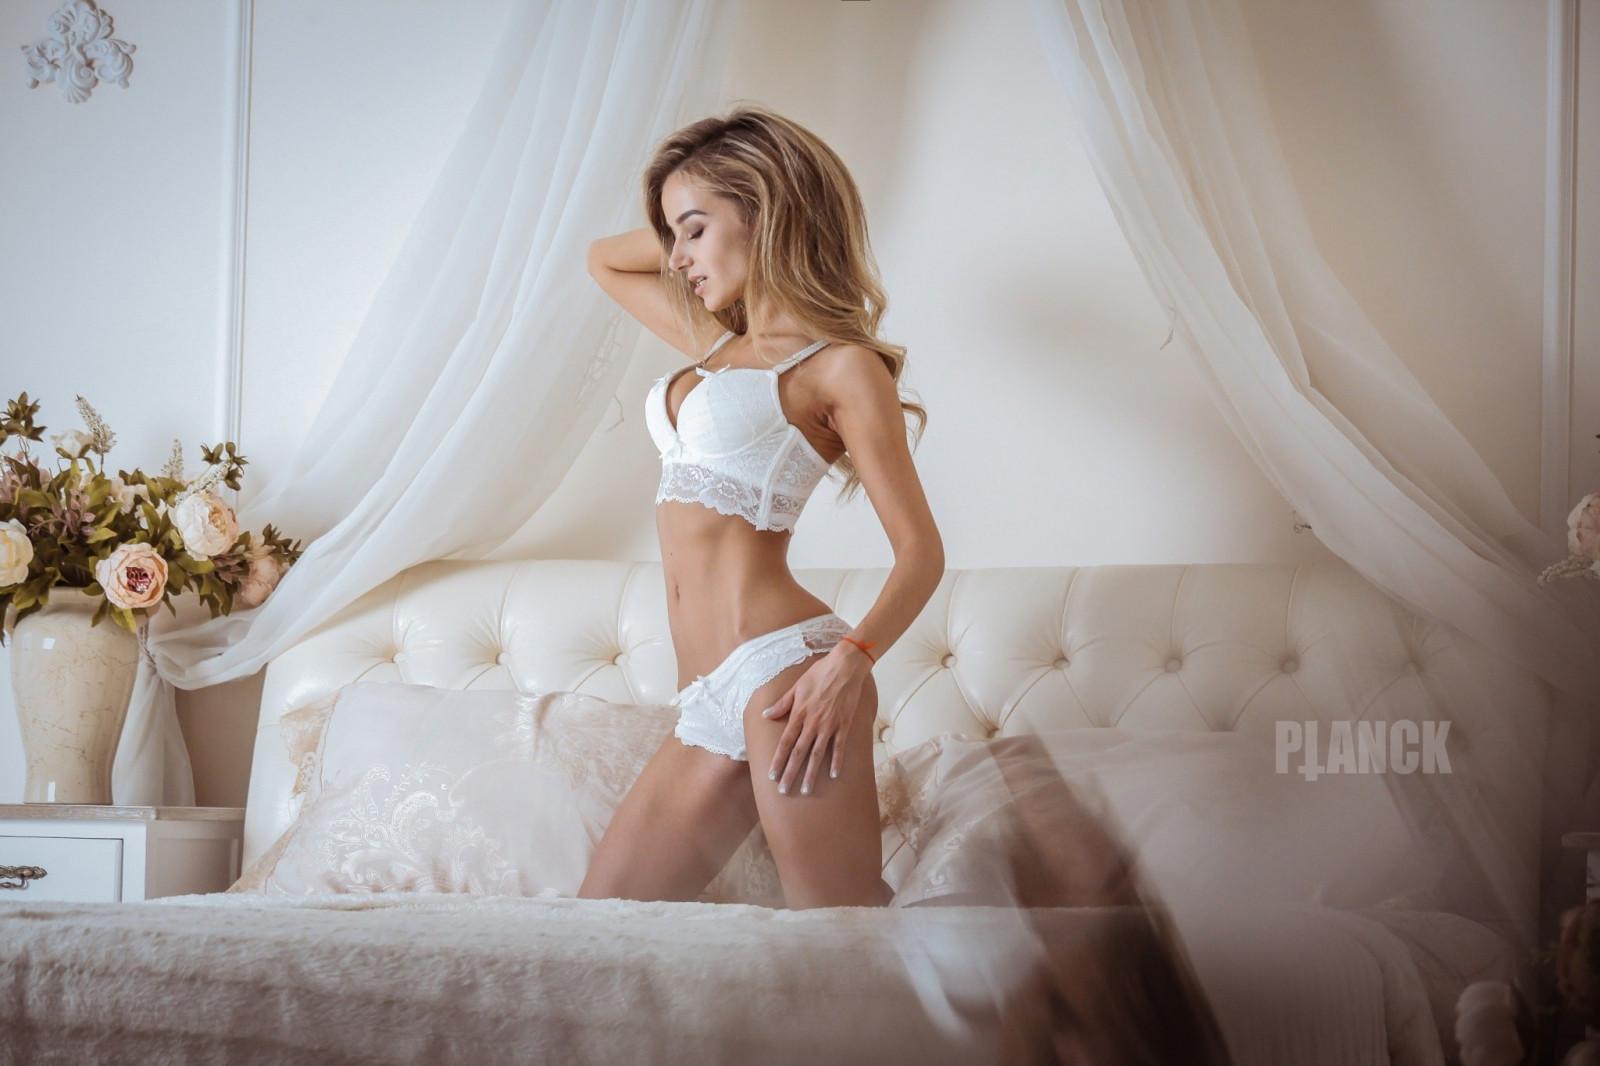 симпатичные красивые блондинки в нижнем белье в душе на кровати ад